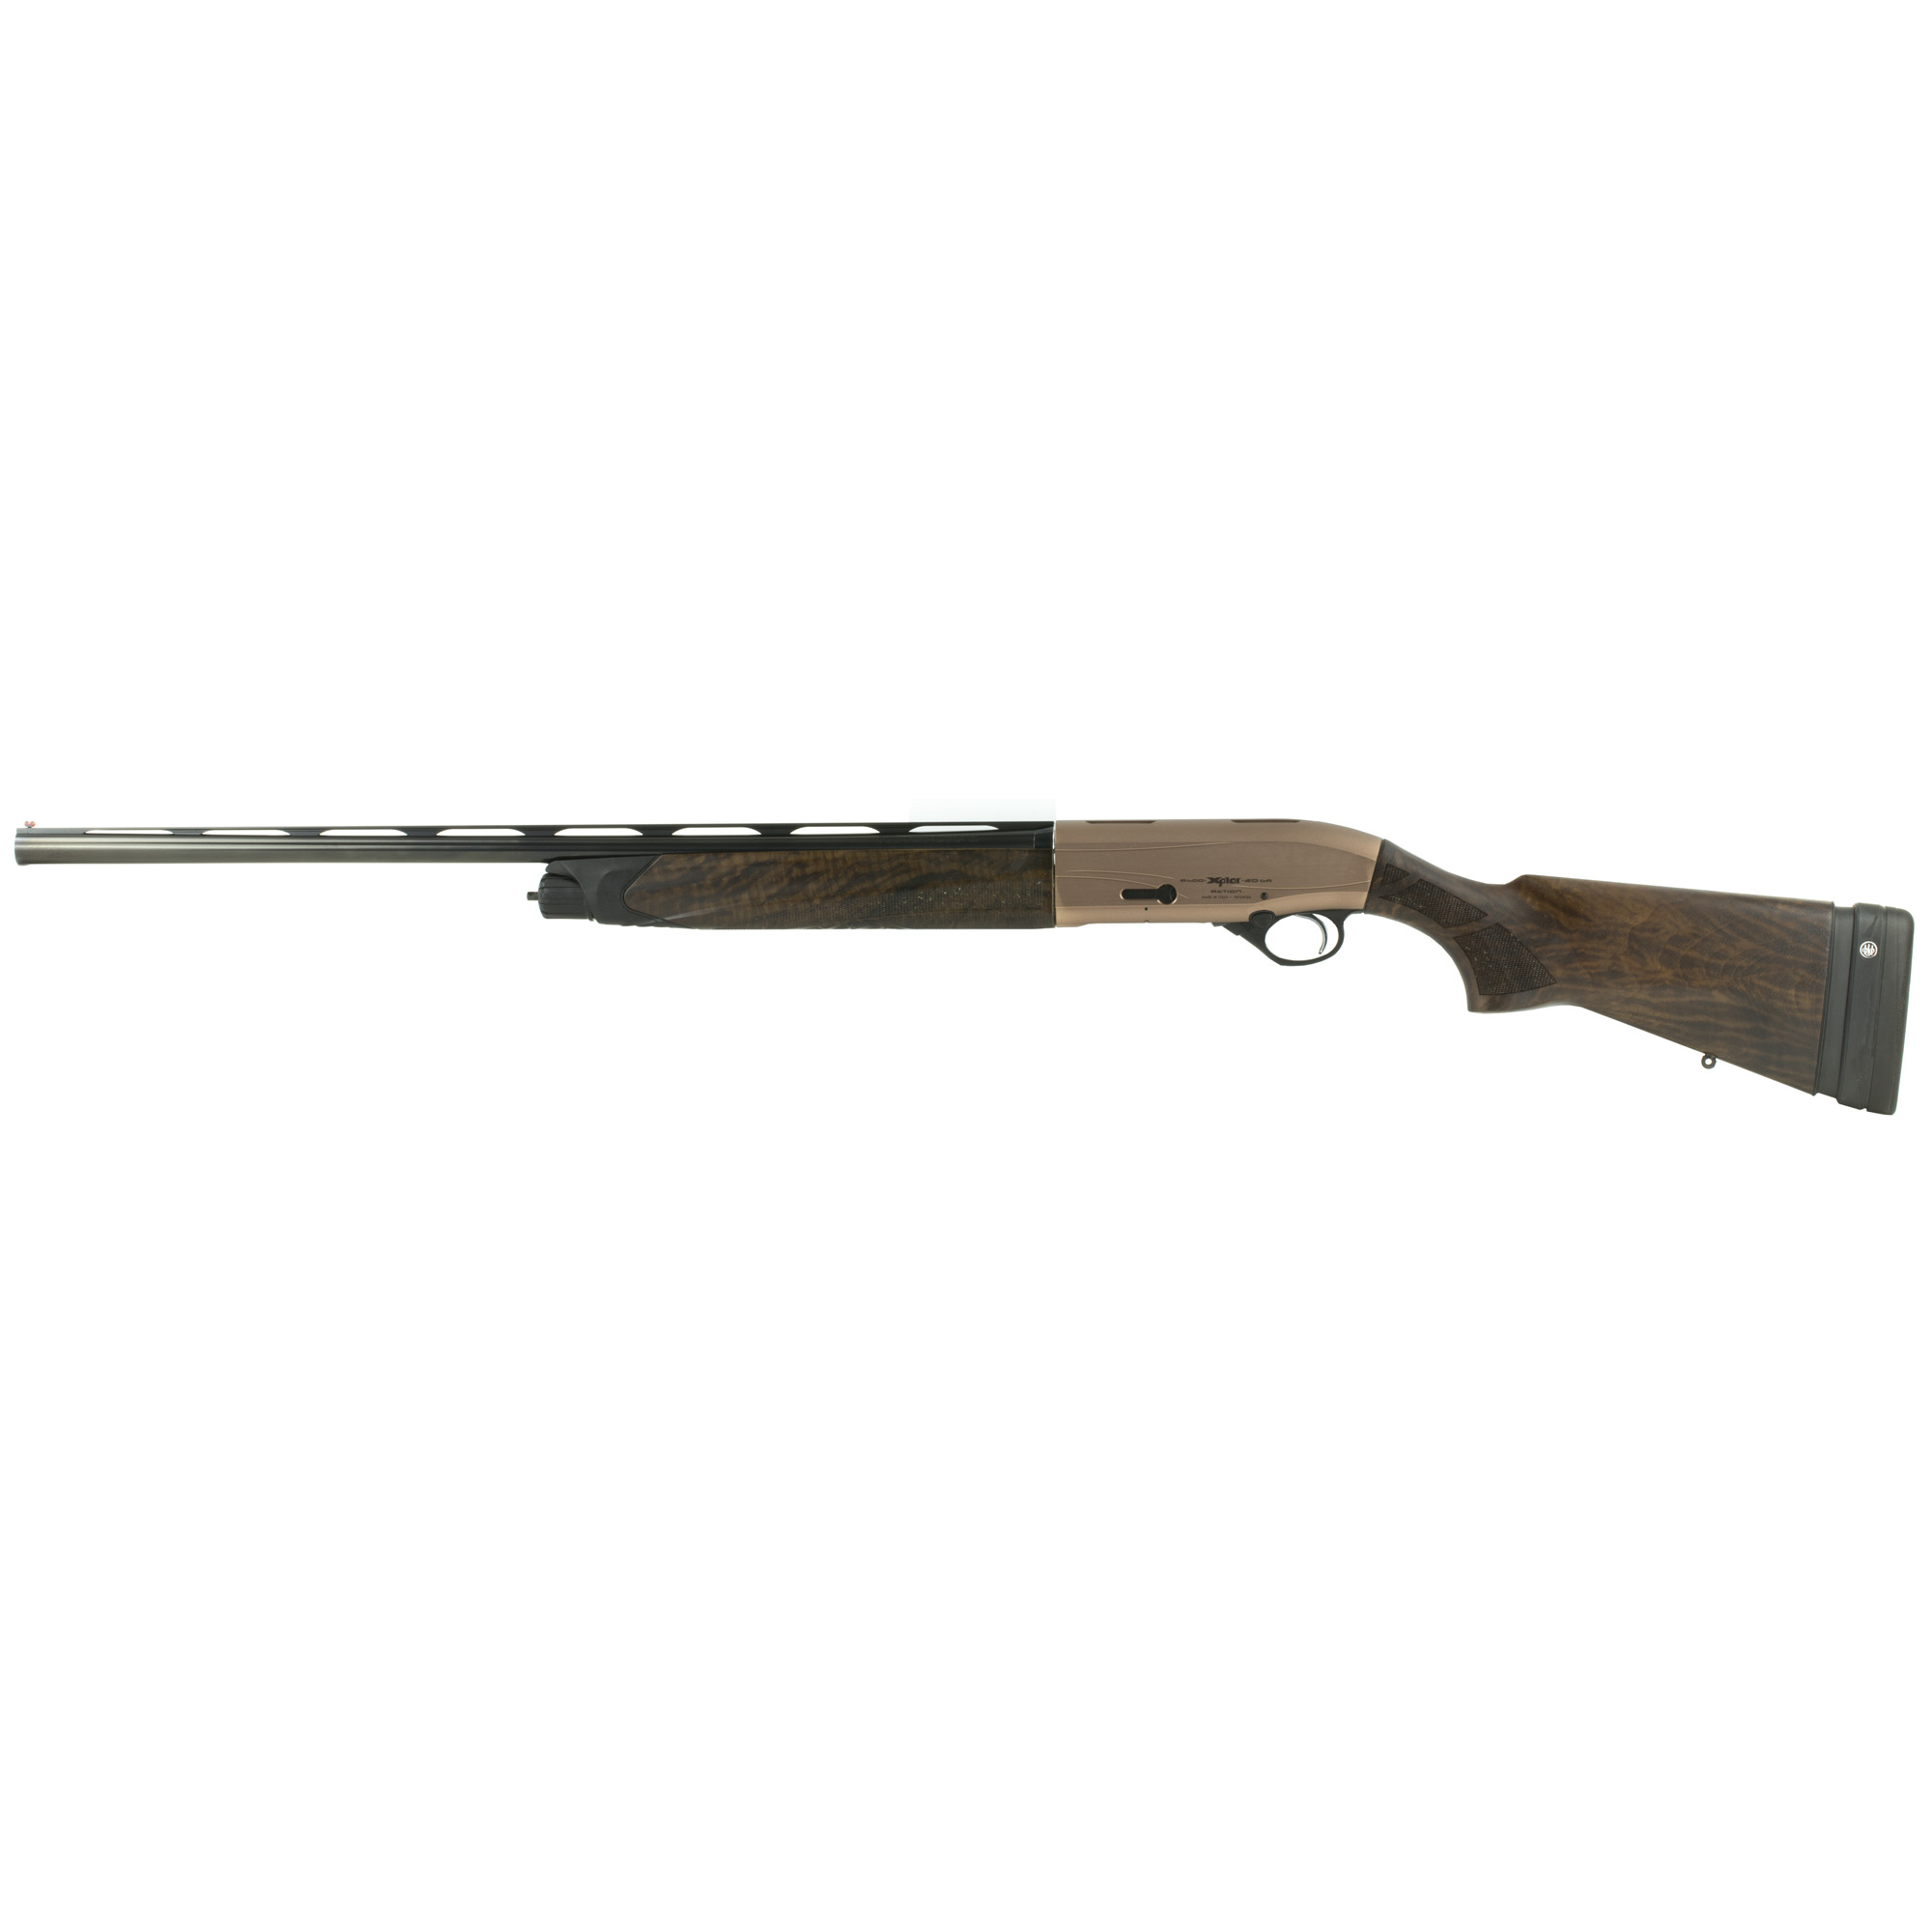 Beretta A400 Action 20/26 Ko Bronze